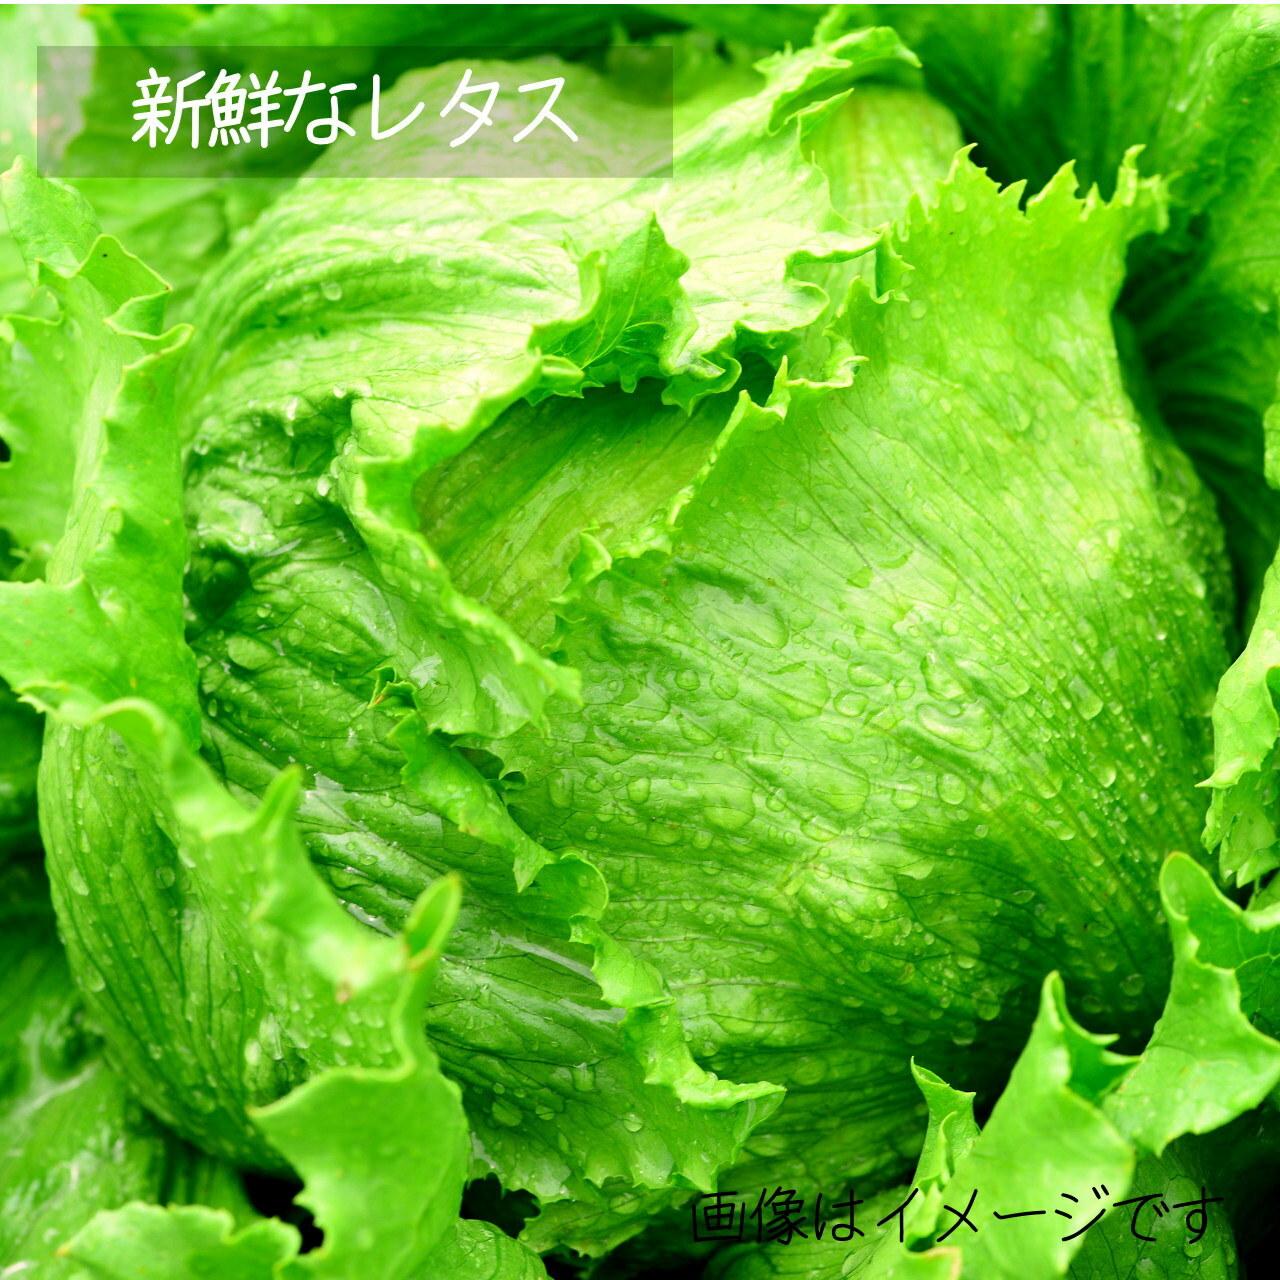 レタス 1個 : 朝採り直売野菜 7月の新鮮な夏野菜 7月13日発送予定